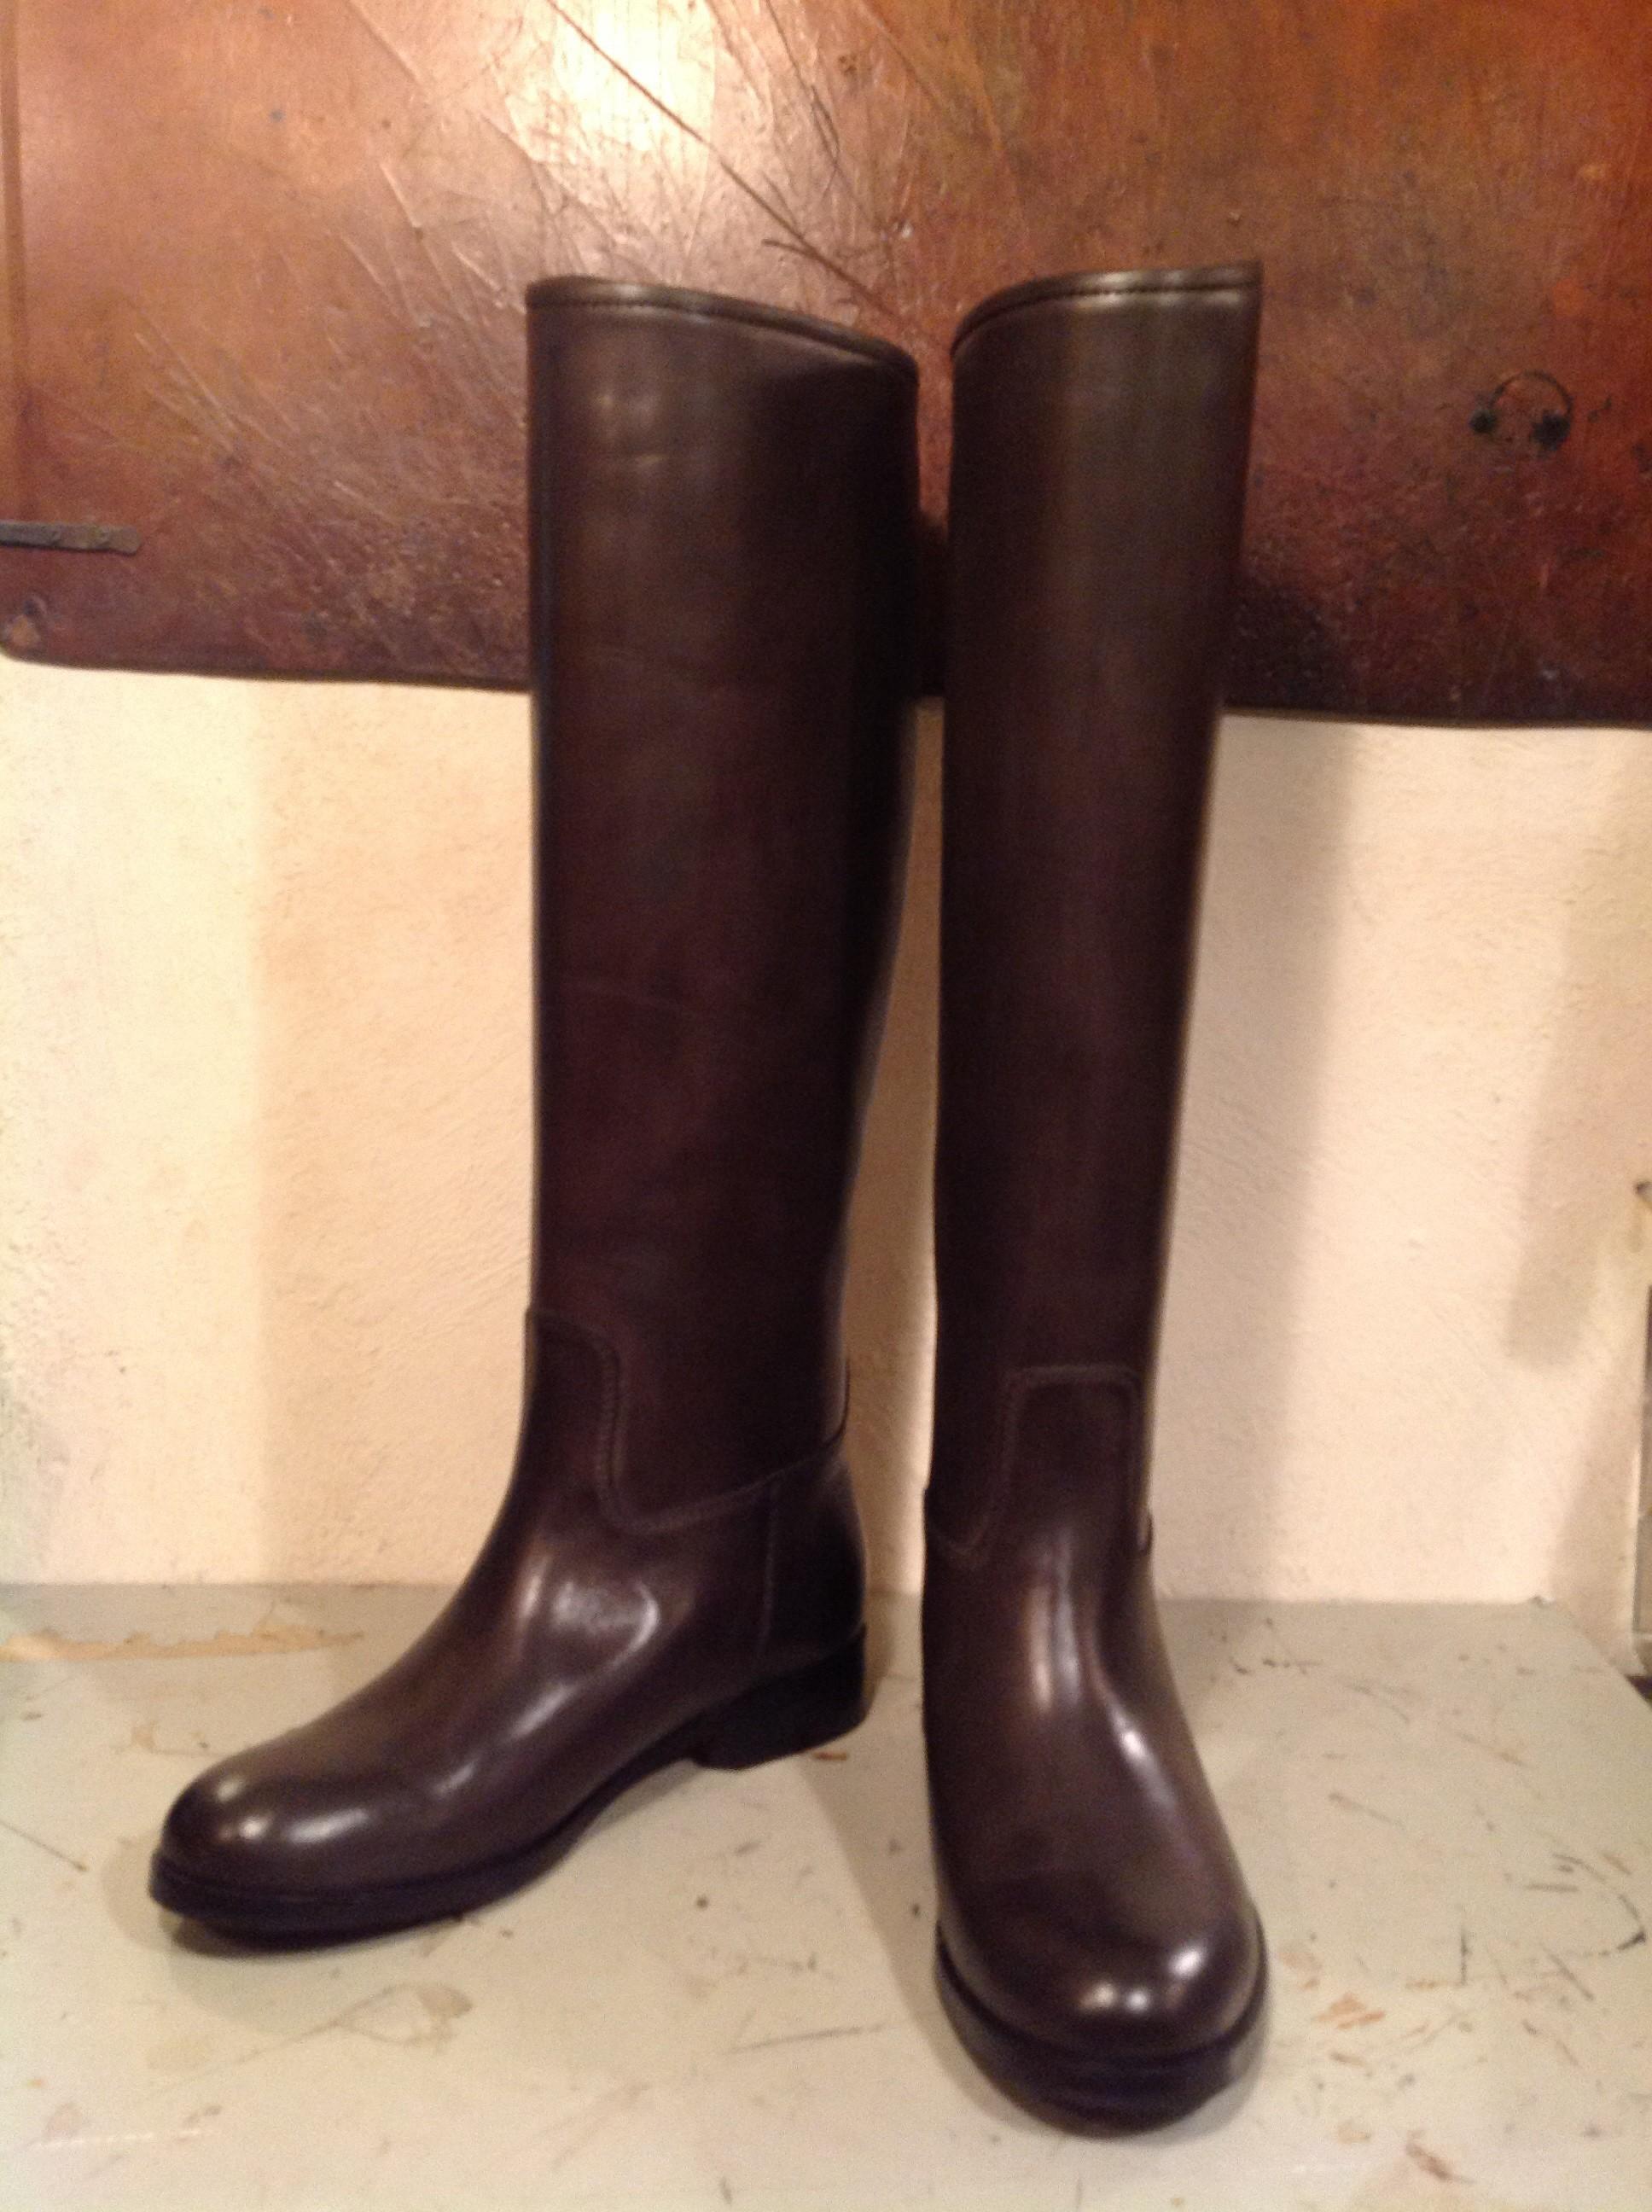 ブルーノマリ ブーツの筒丈カット